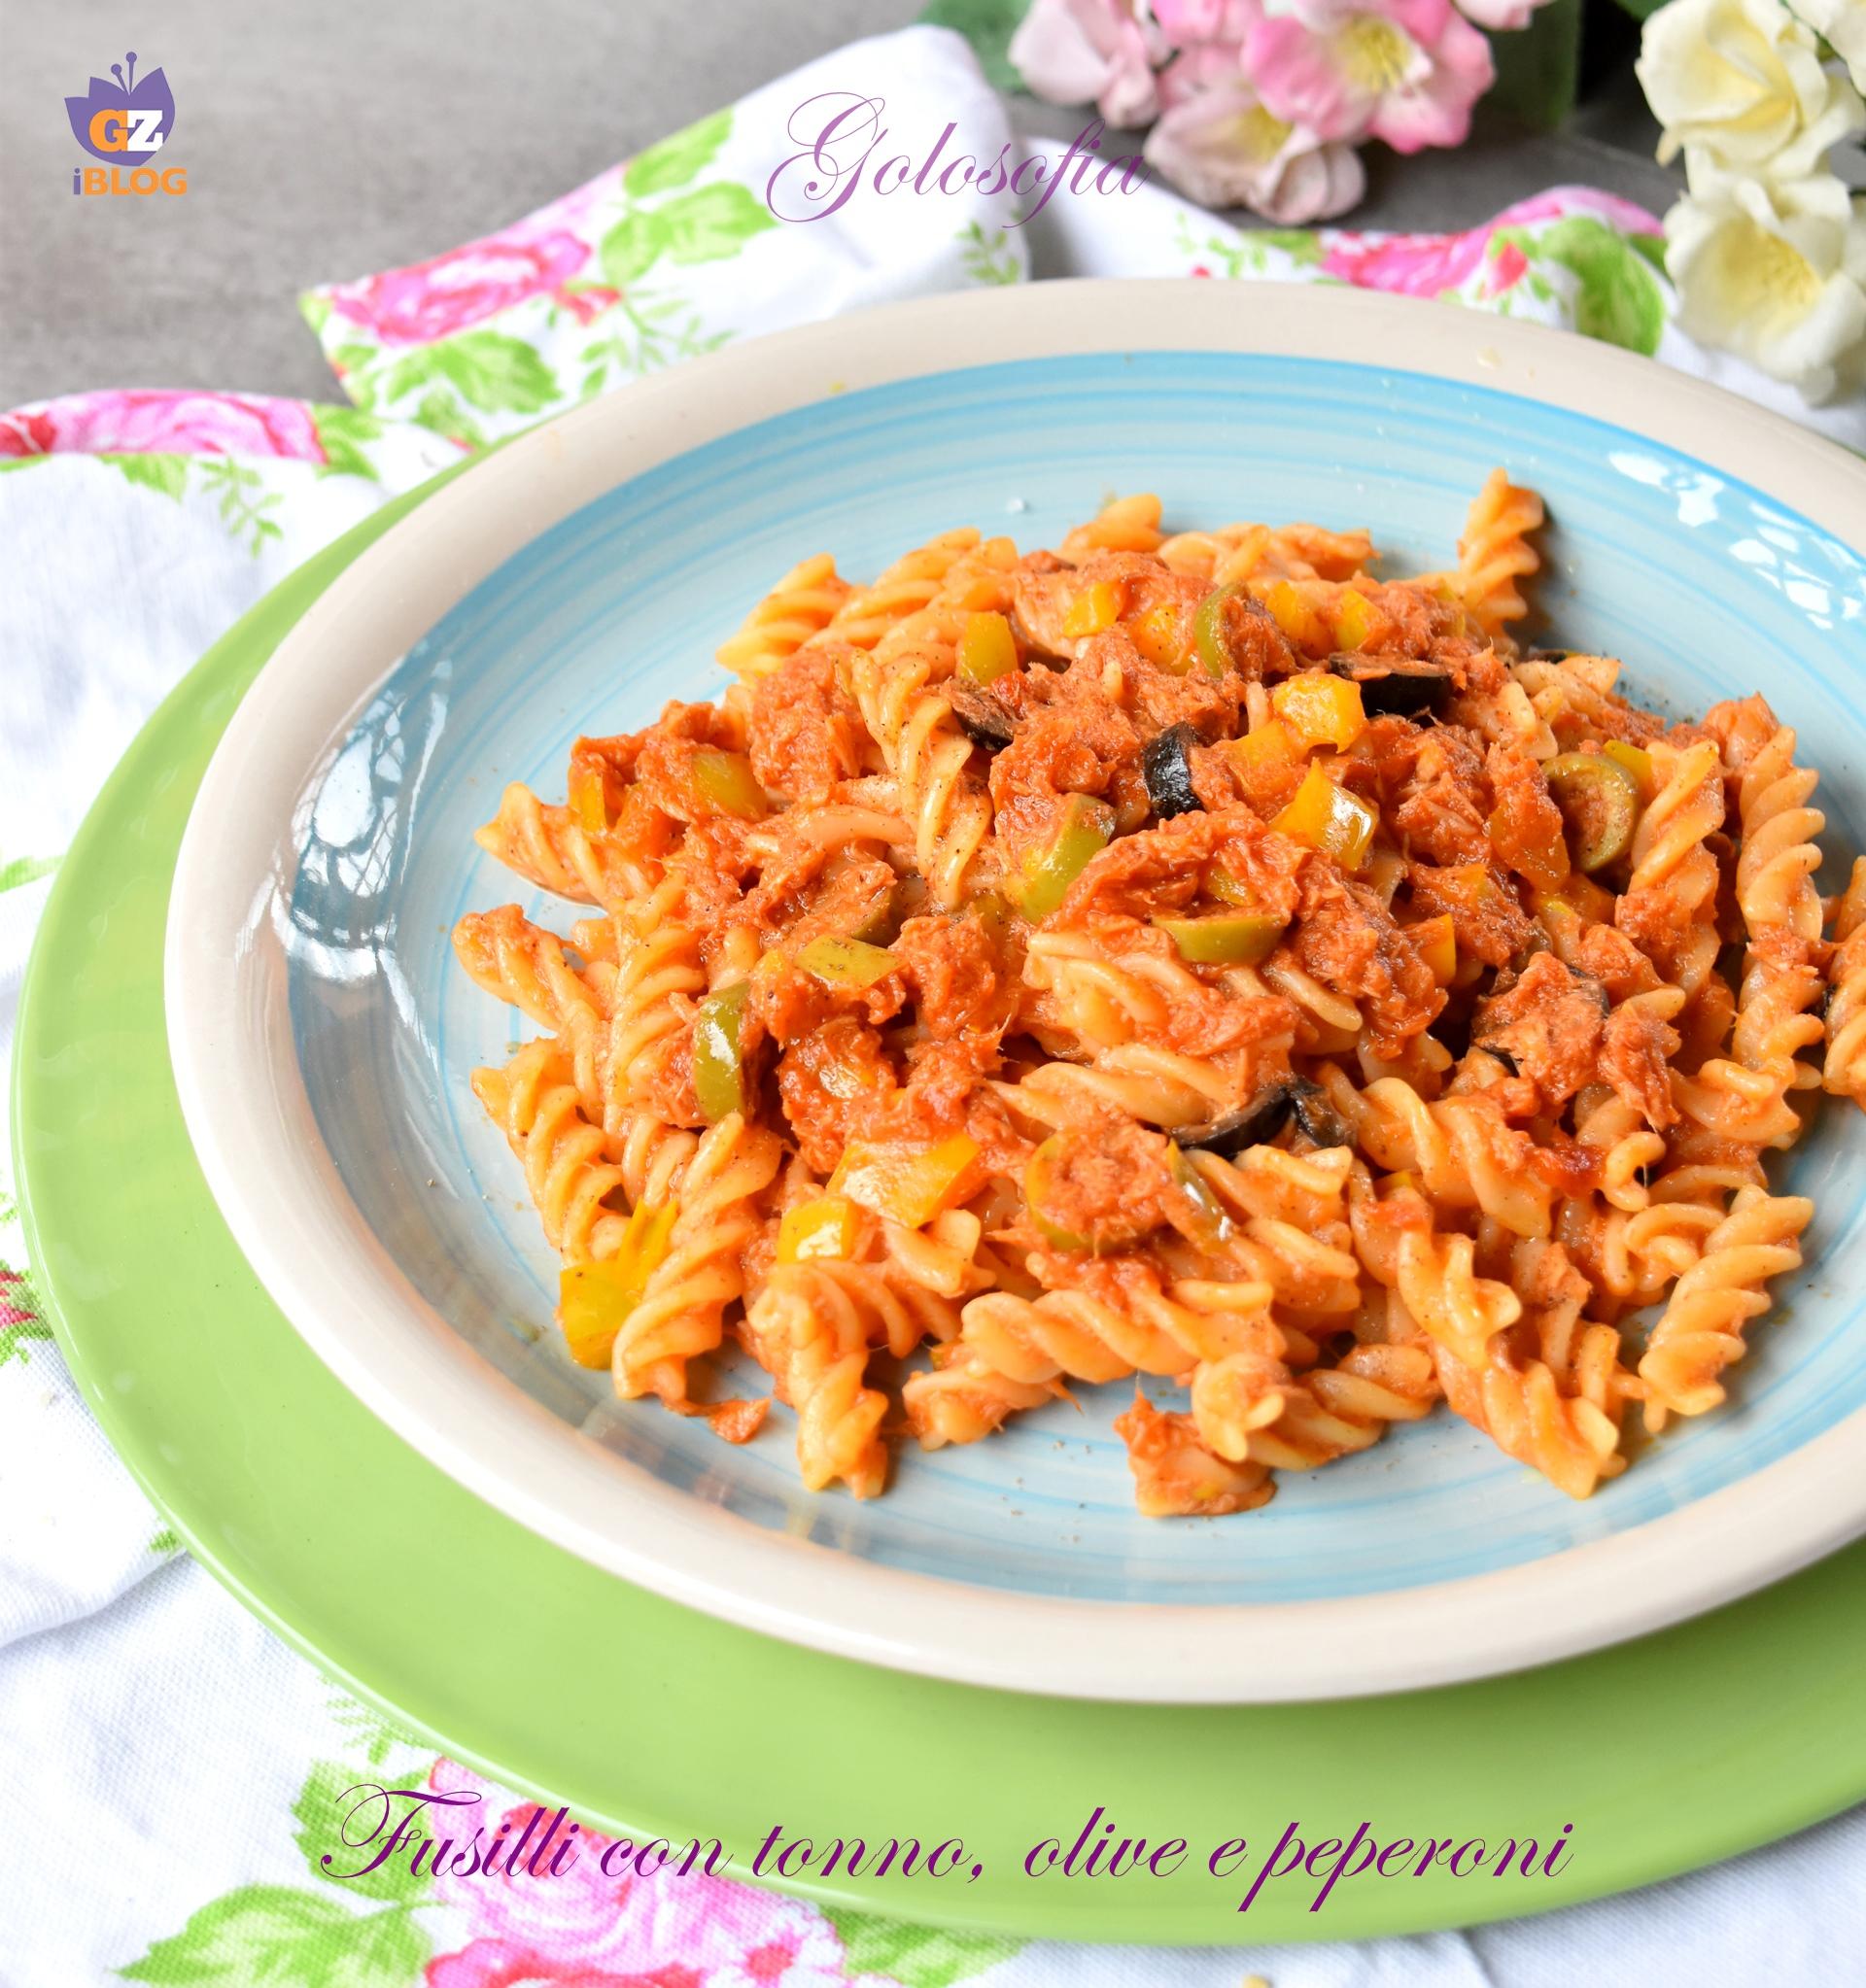 Fusilli con Tonno, Olive e Peperoni, Ricetta Gustosissima